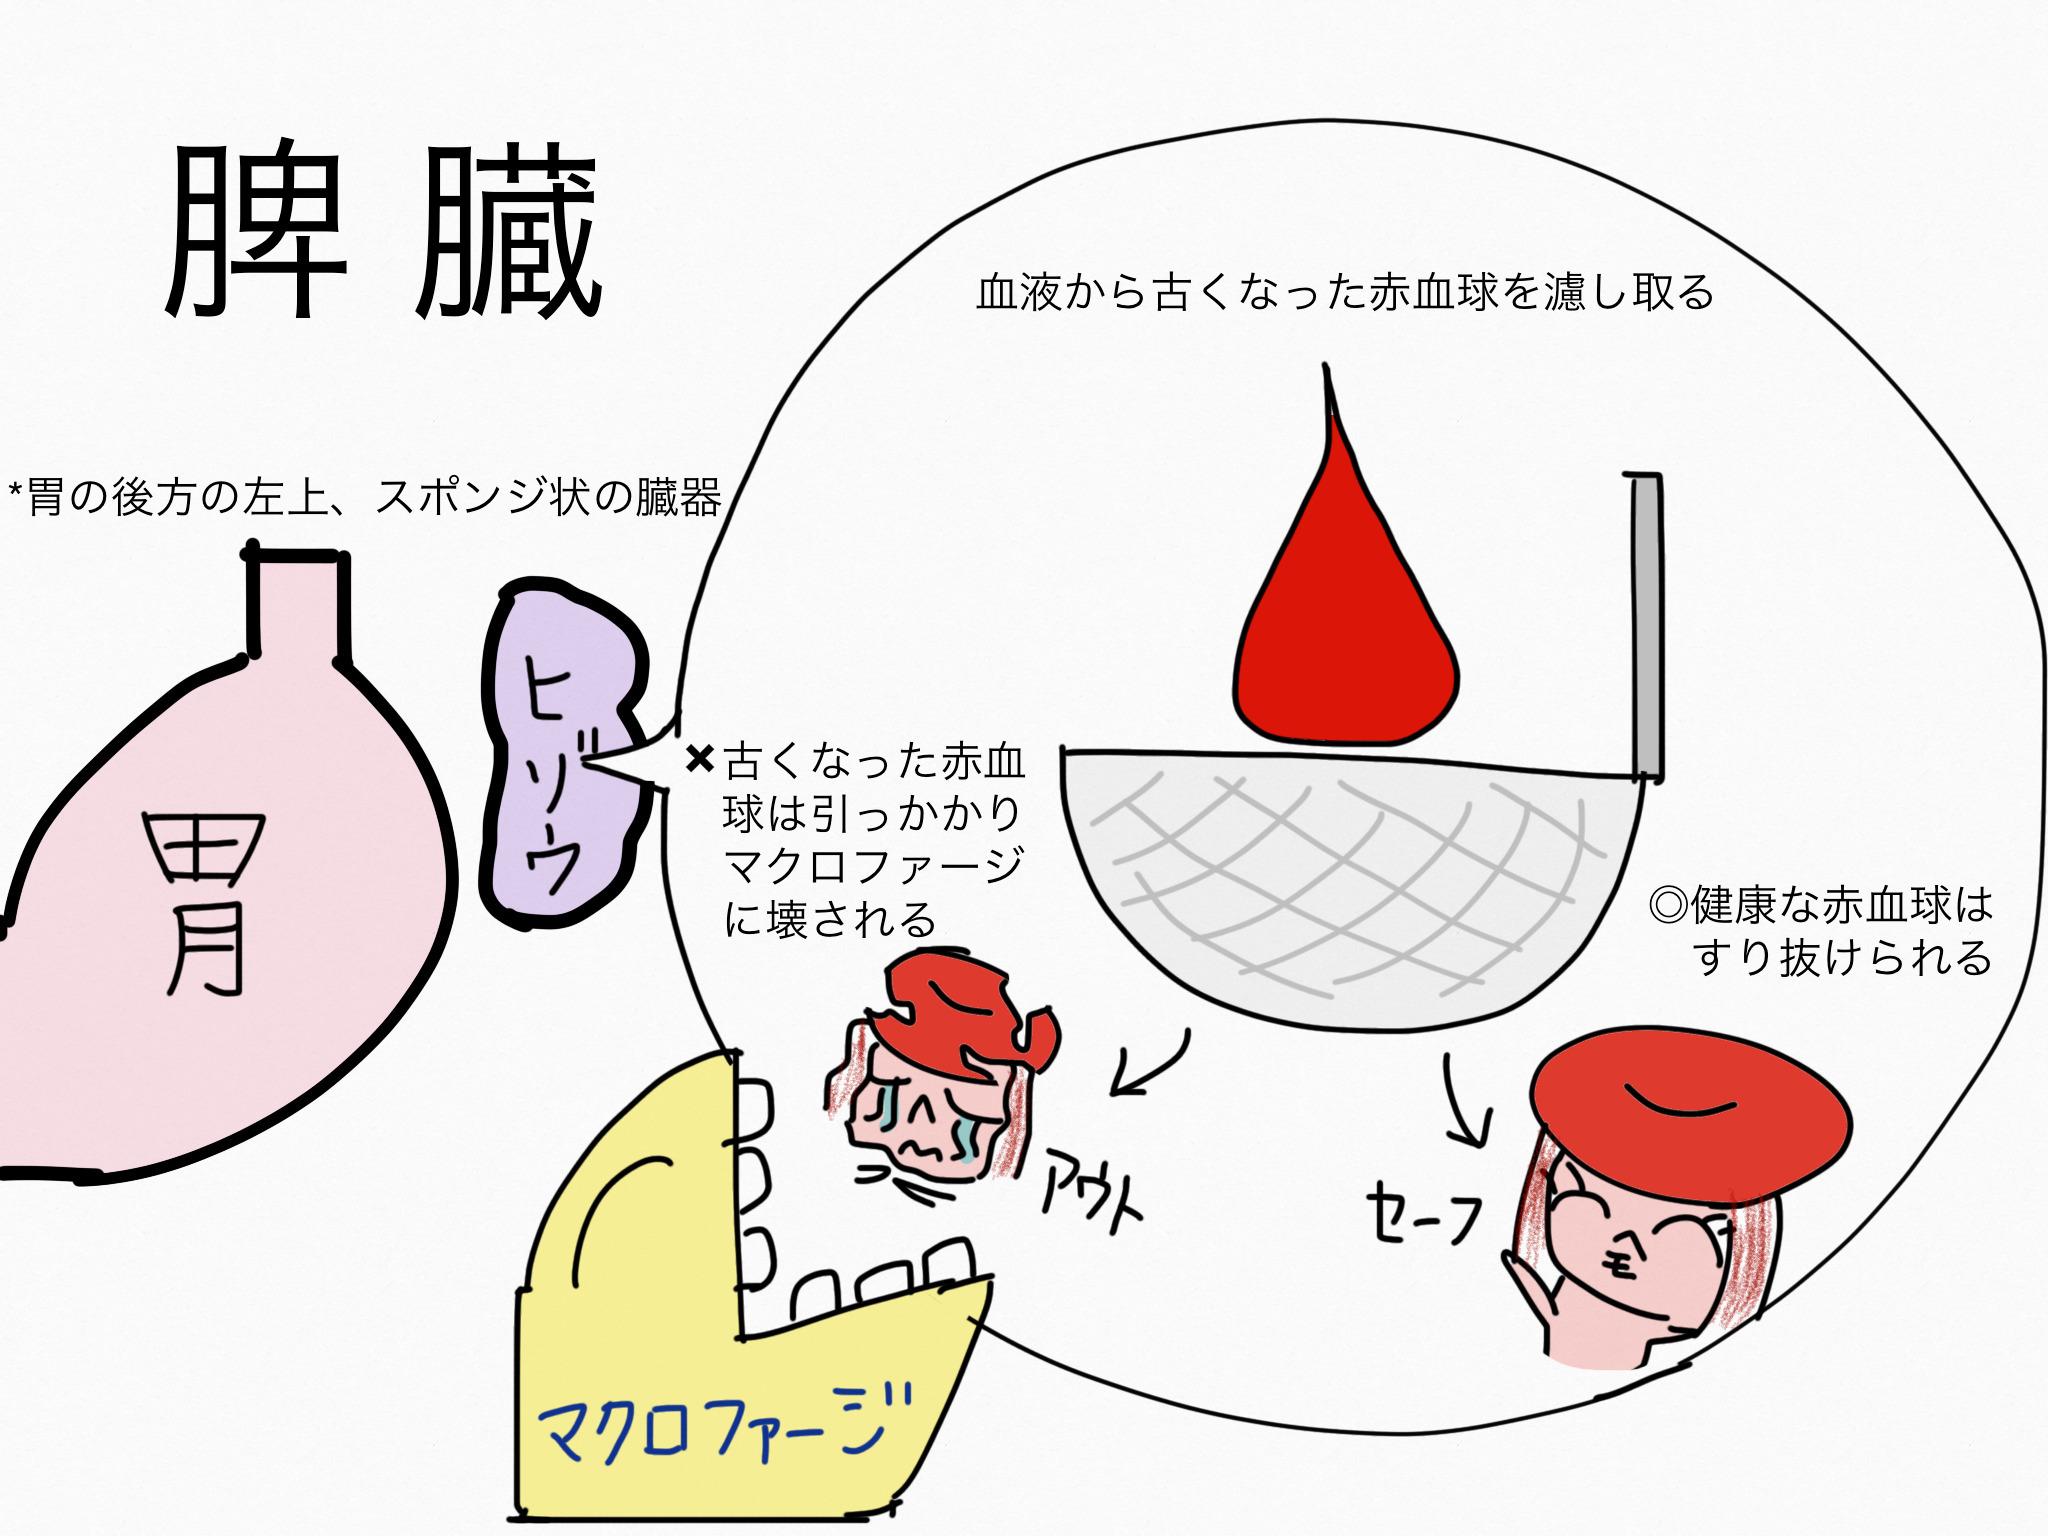 循環器系/脾臓【第2章の覚え方】